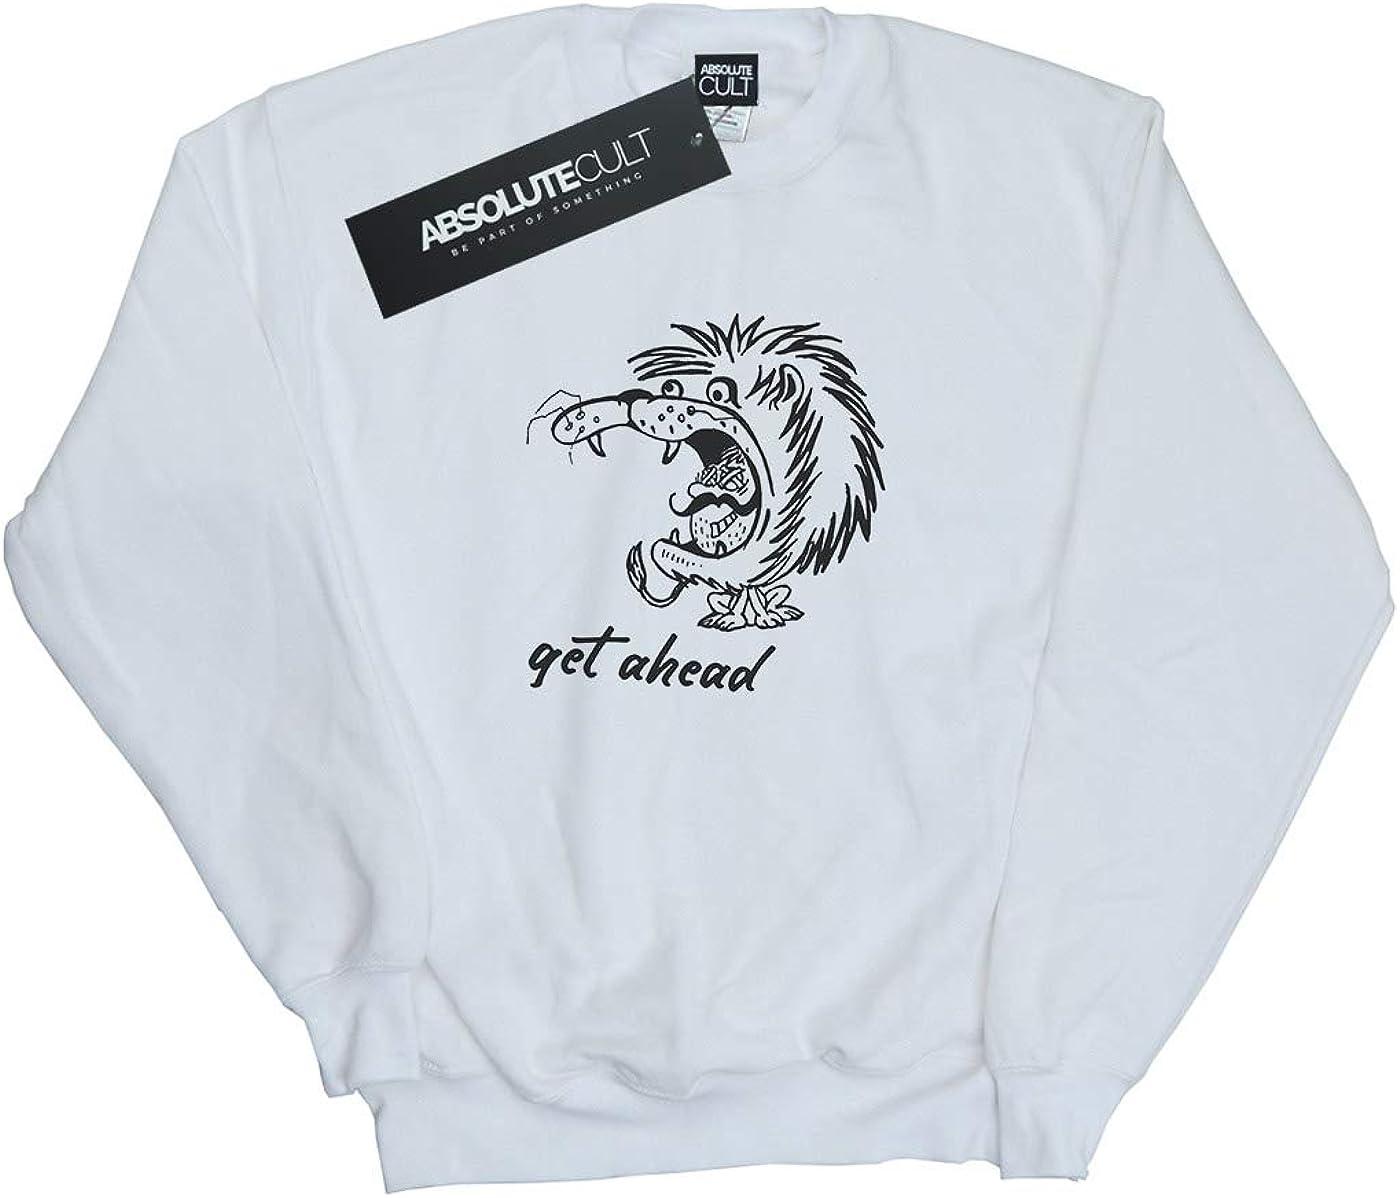 Absolute Cult Drewbacca Girls Get Ahead Sweatshirt